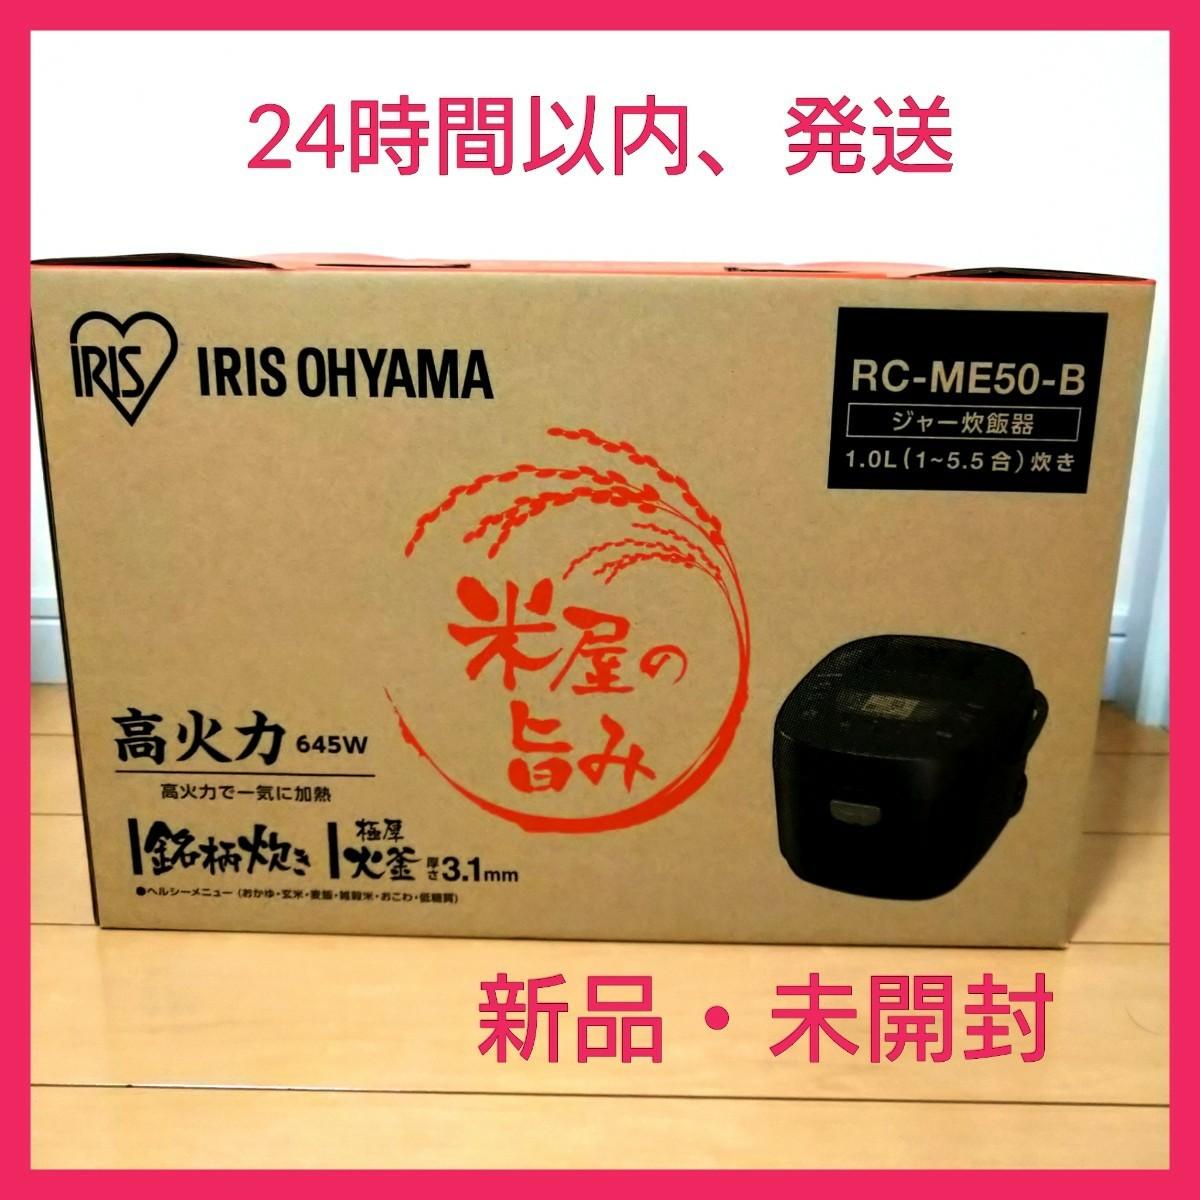 【新品、未開封】アイリスオーヤマ 銘柄炊飯器 5.5合炊飯器 ブラック